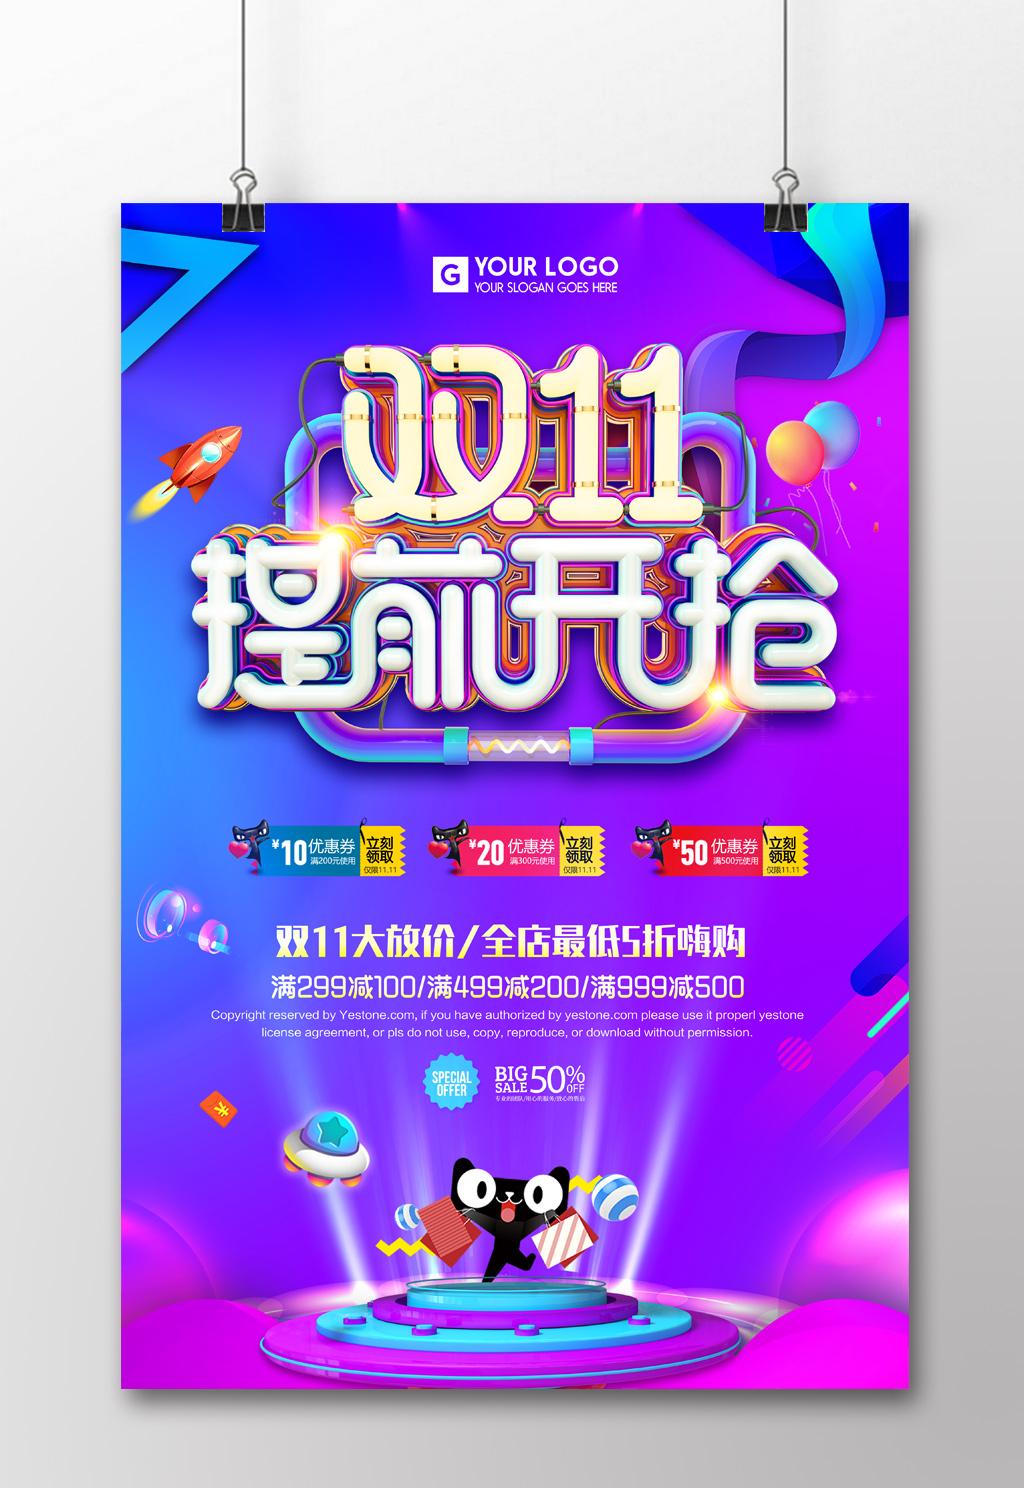 炫彩双11紫色梦幻海报